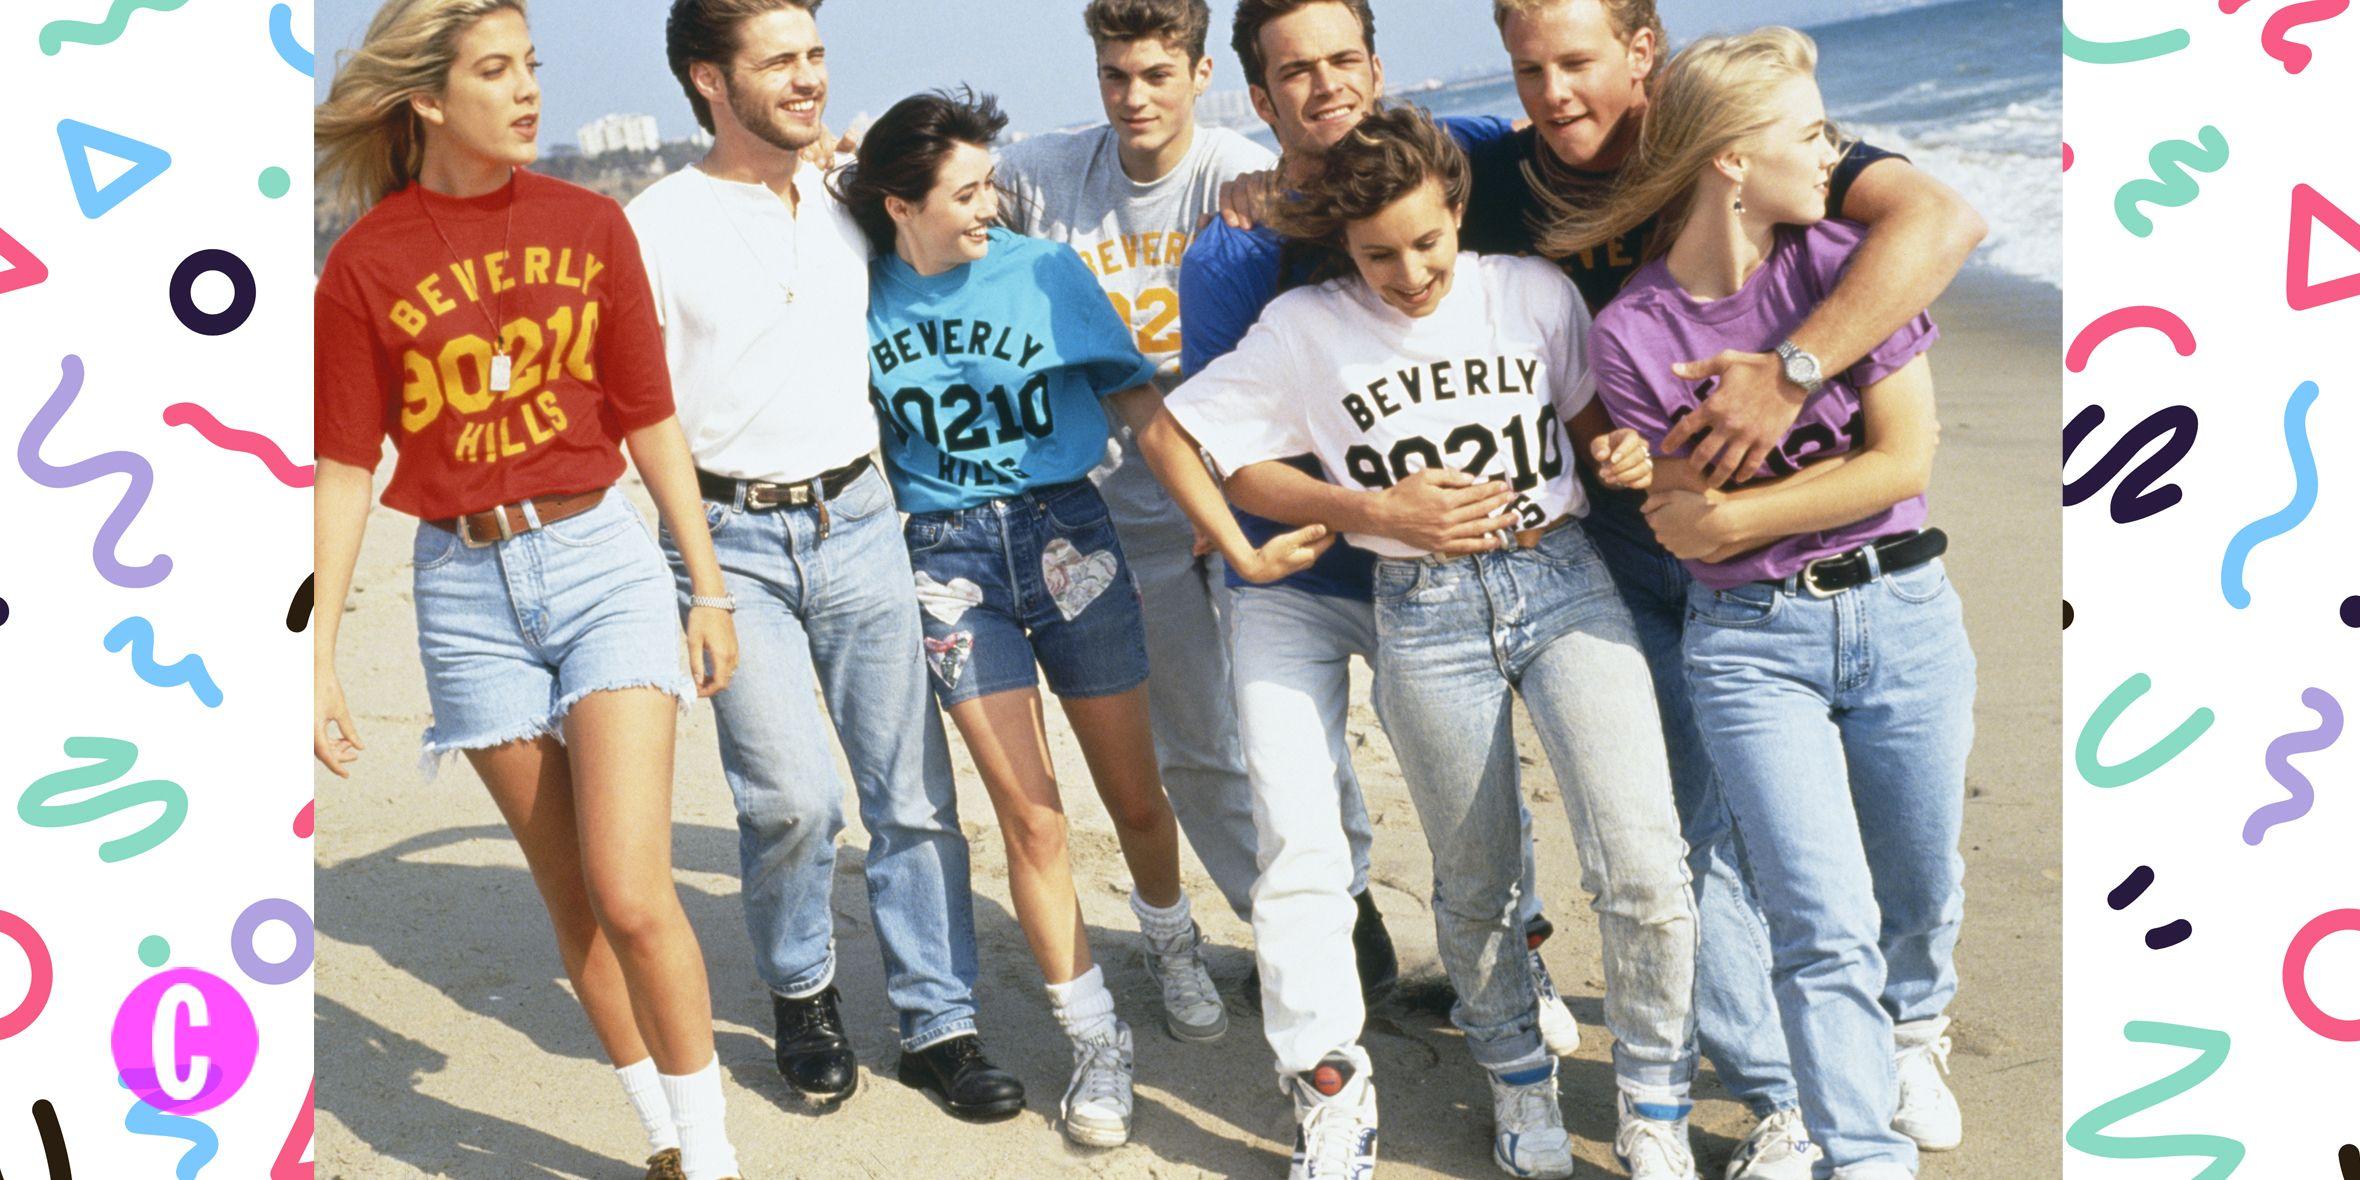 Gli anni 90 non sono mai andati via, tornano per ispirati con idee per i